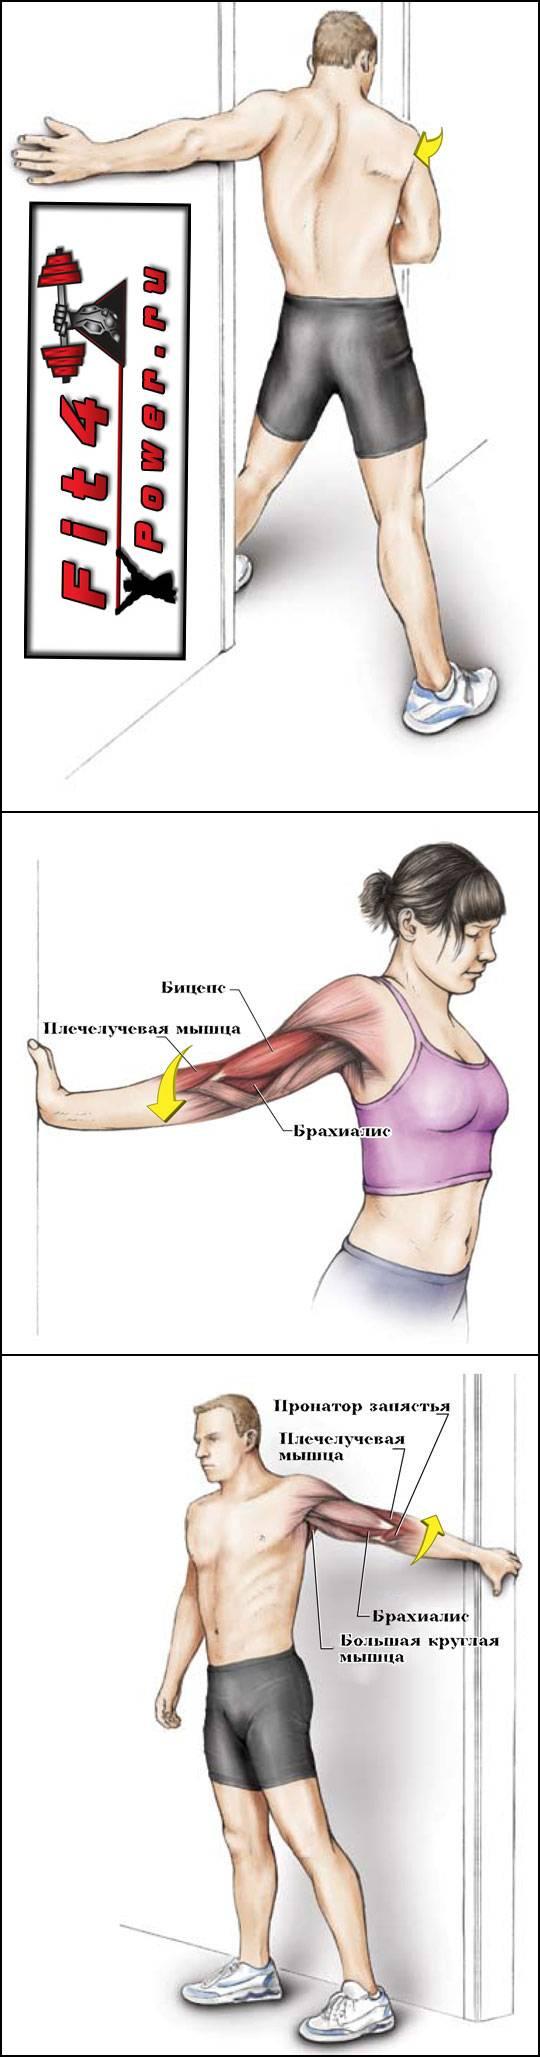 Упражнения для красивых рук для женщин- тренировки бицепса, плеч и трицепса